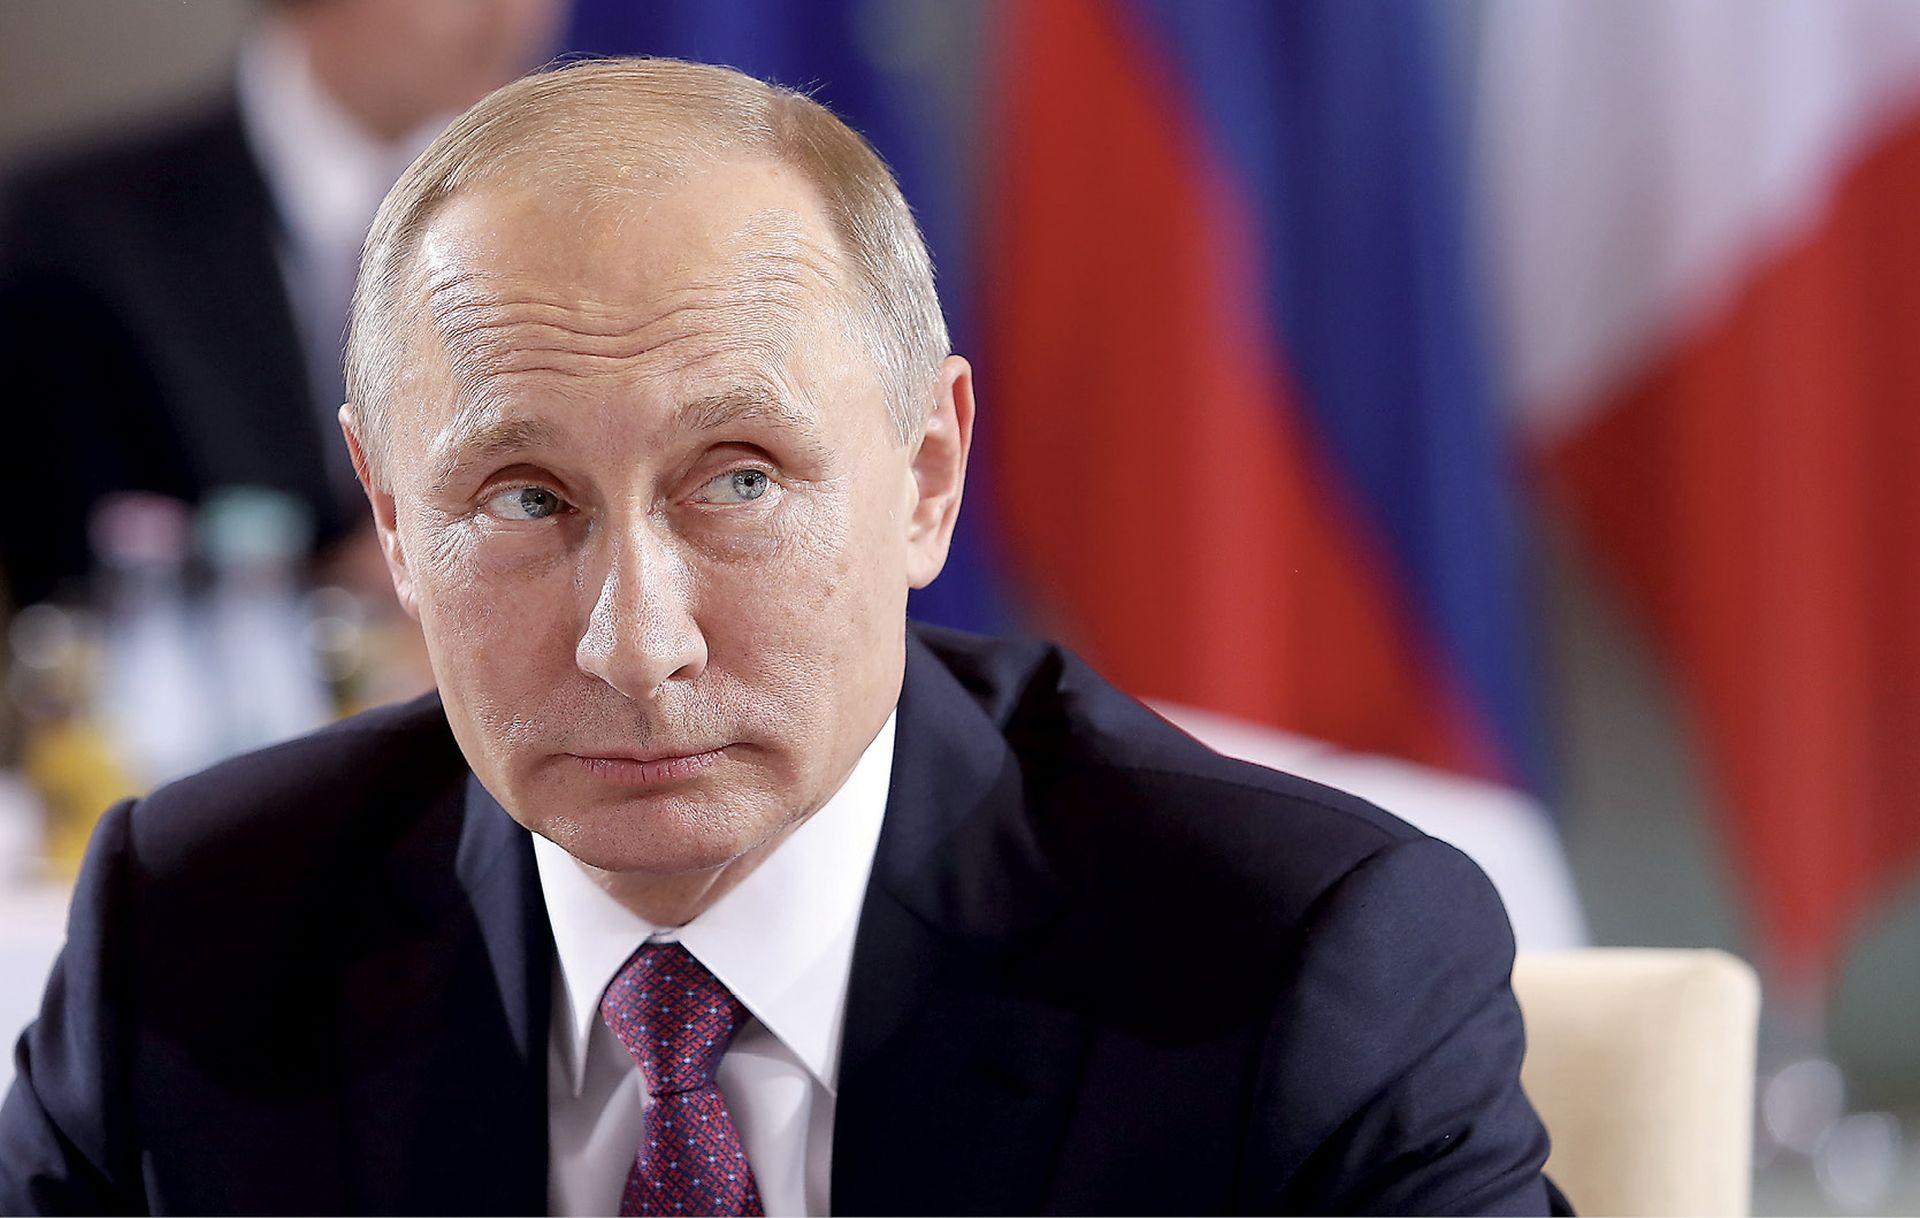 PUTINOV PROGRES: Što očekivati od ruskog lidera u 2017. godini?